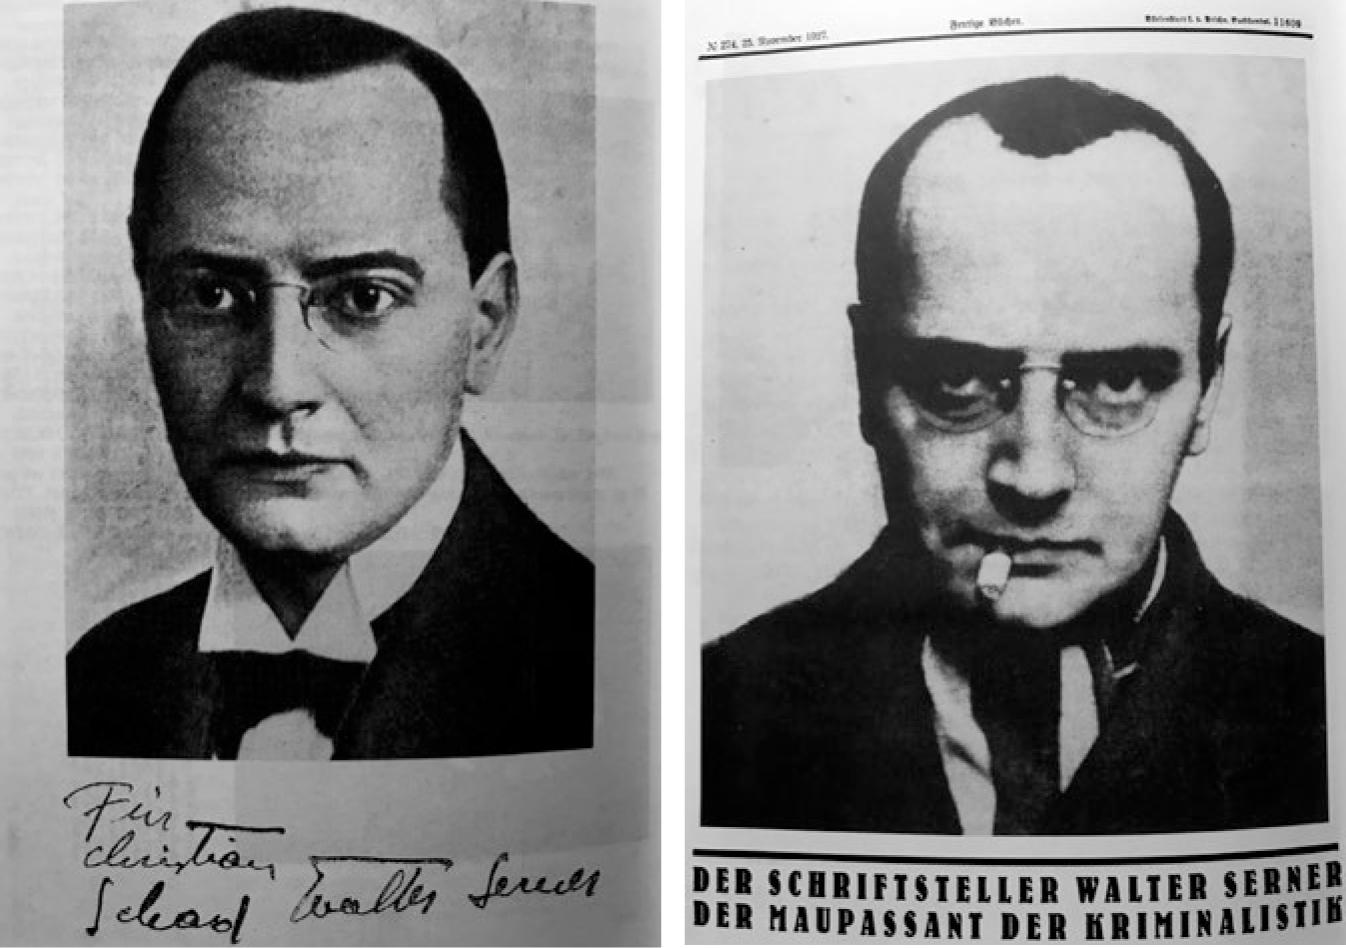 Berlin 1927 in: European Judaism Volume 53 Issue 2 (2020)